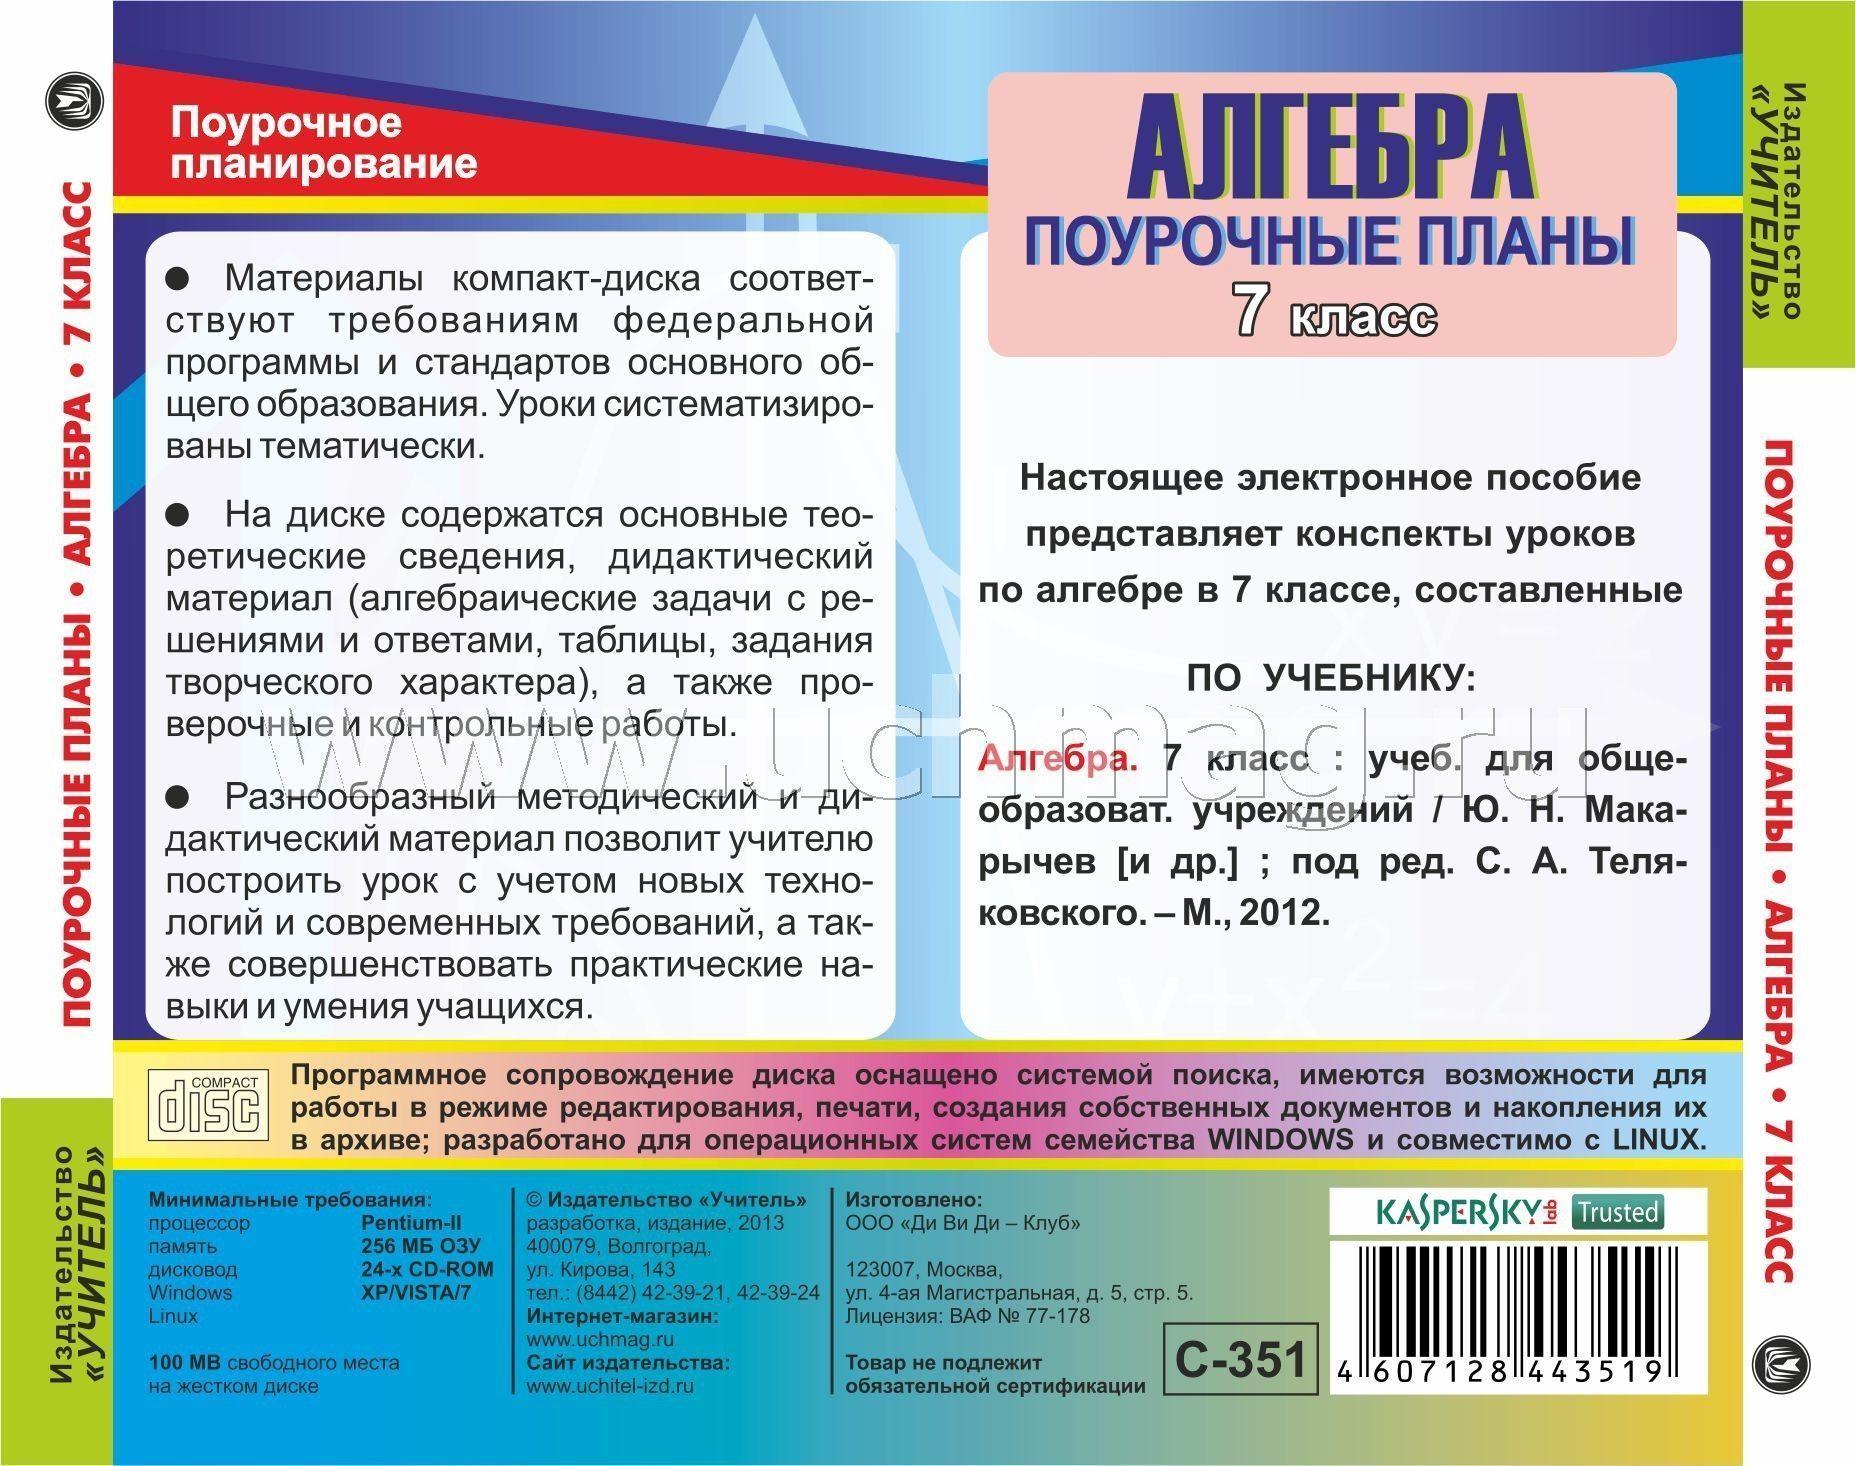 Решебник по русскому языку 8 класс бархударов умарова фаттахова